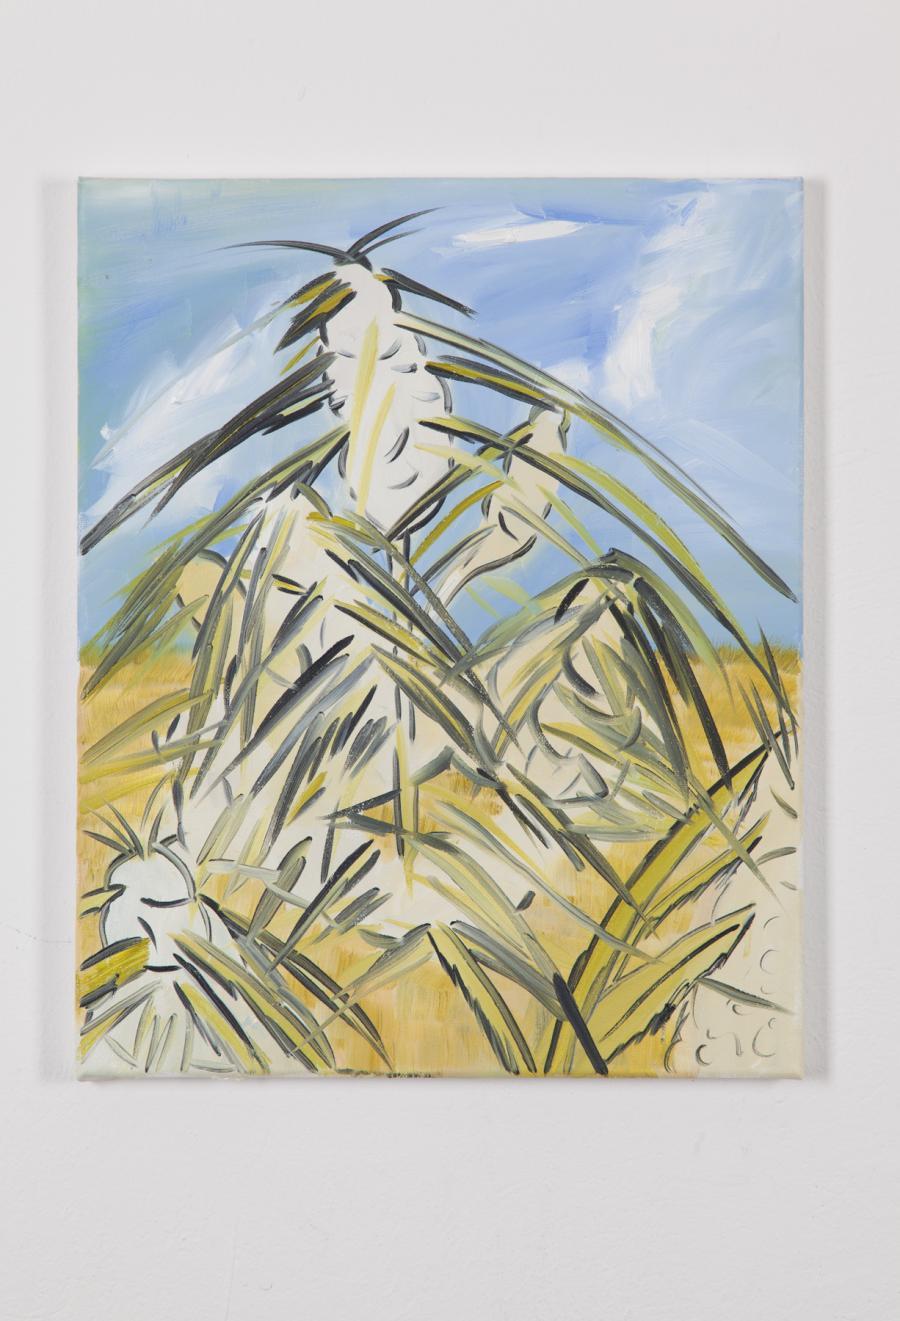 Alex Ruthner, oT, 50 x 40 cm, 2015